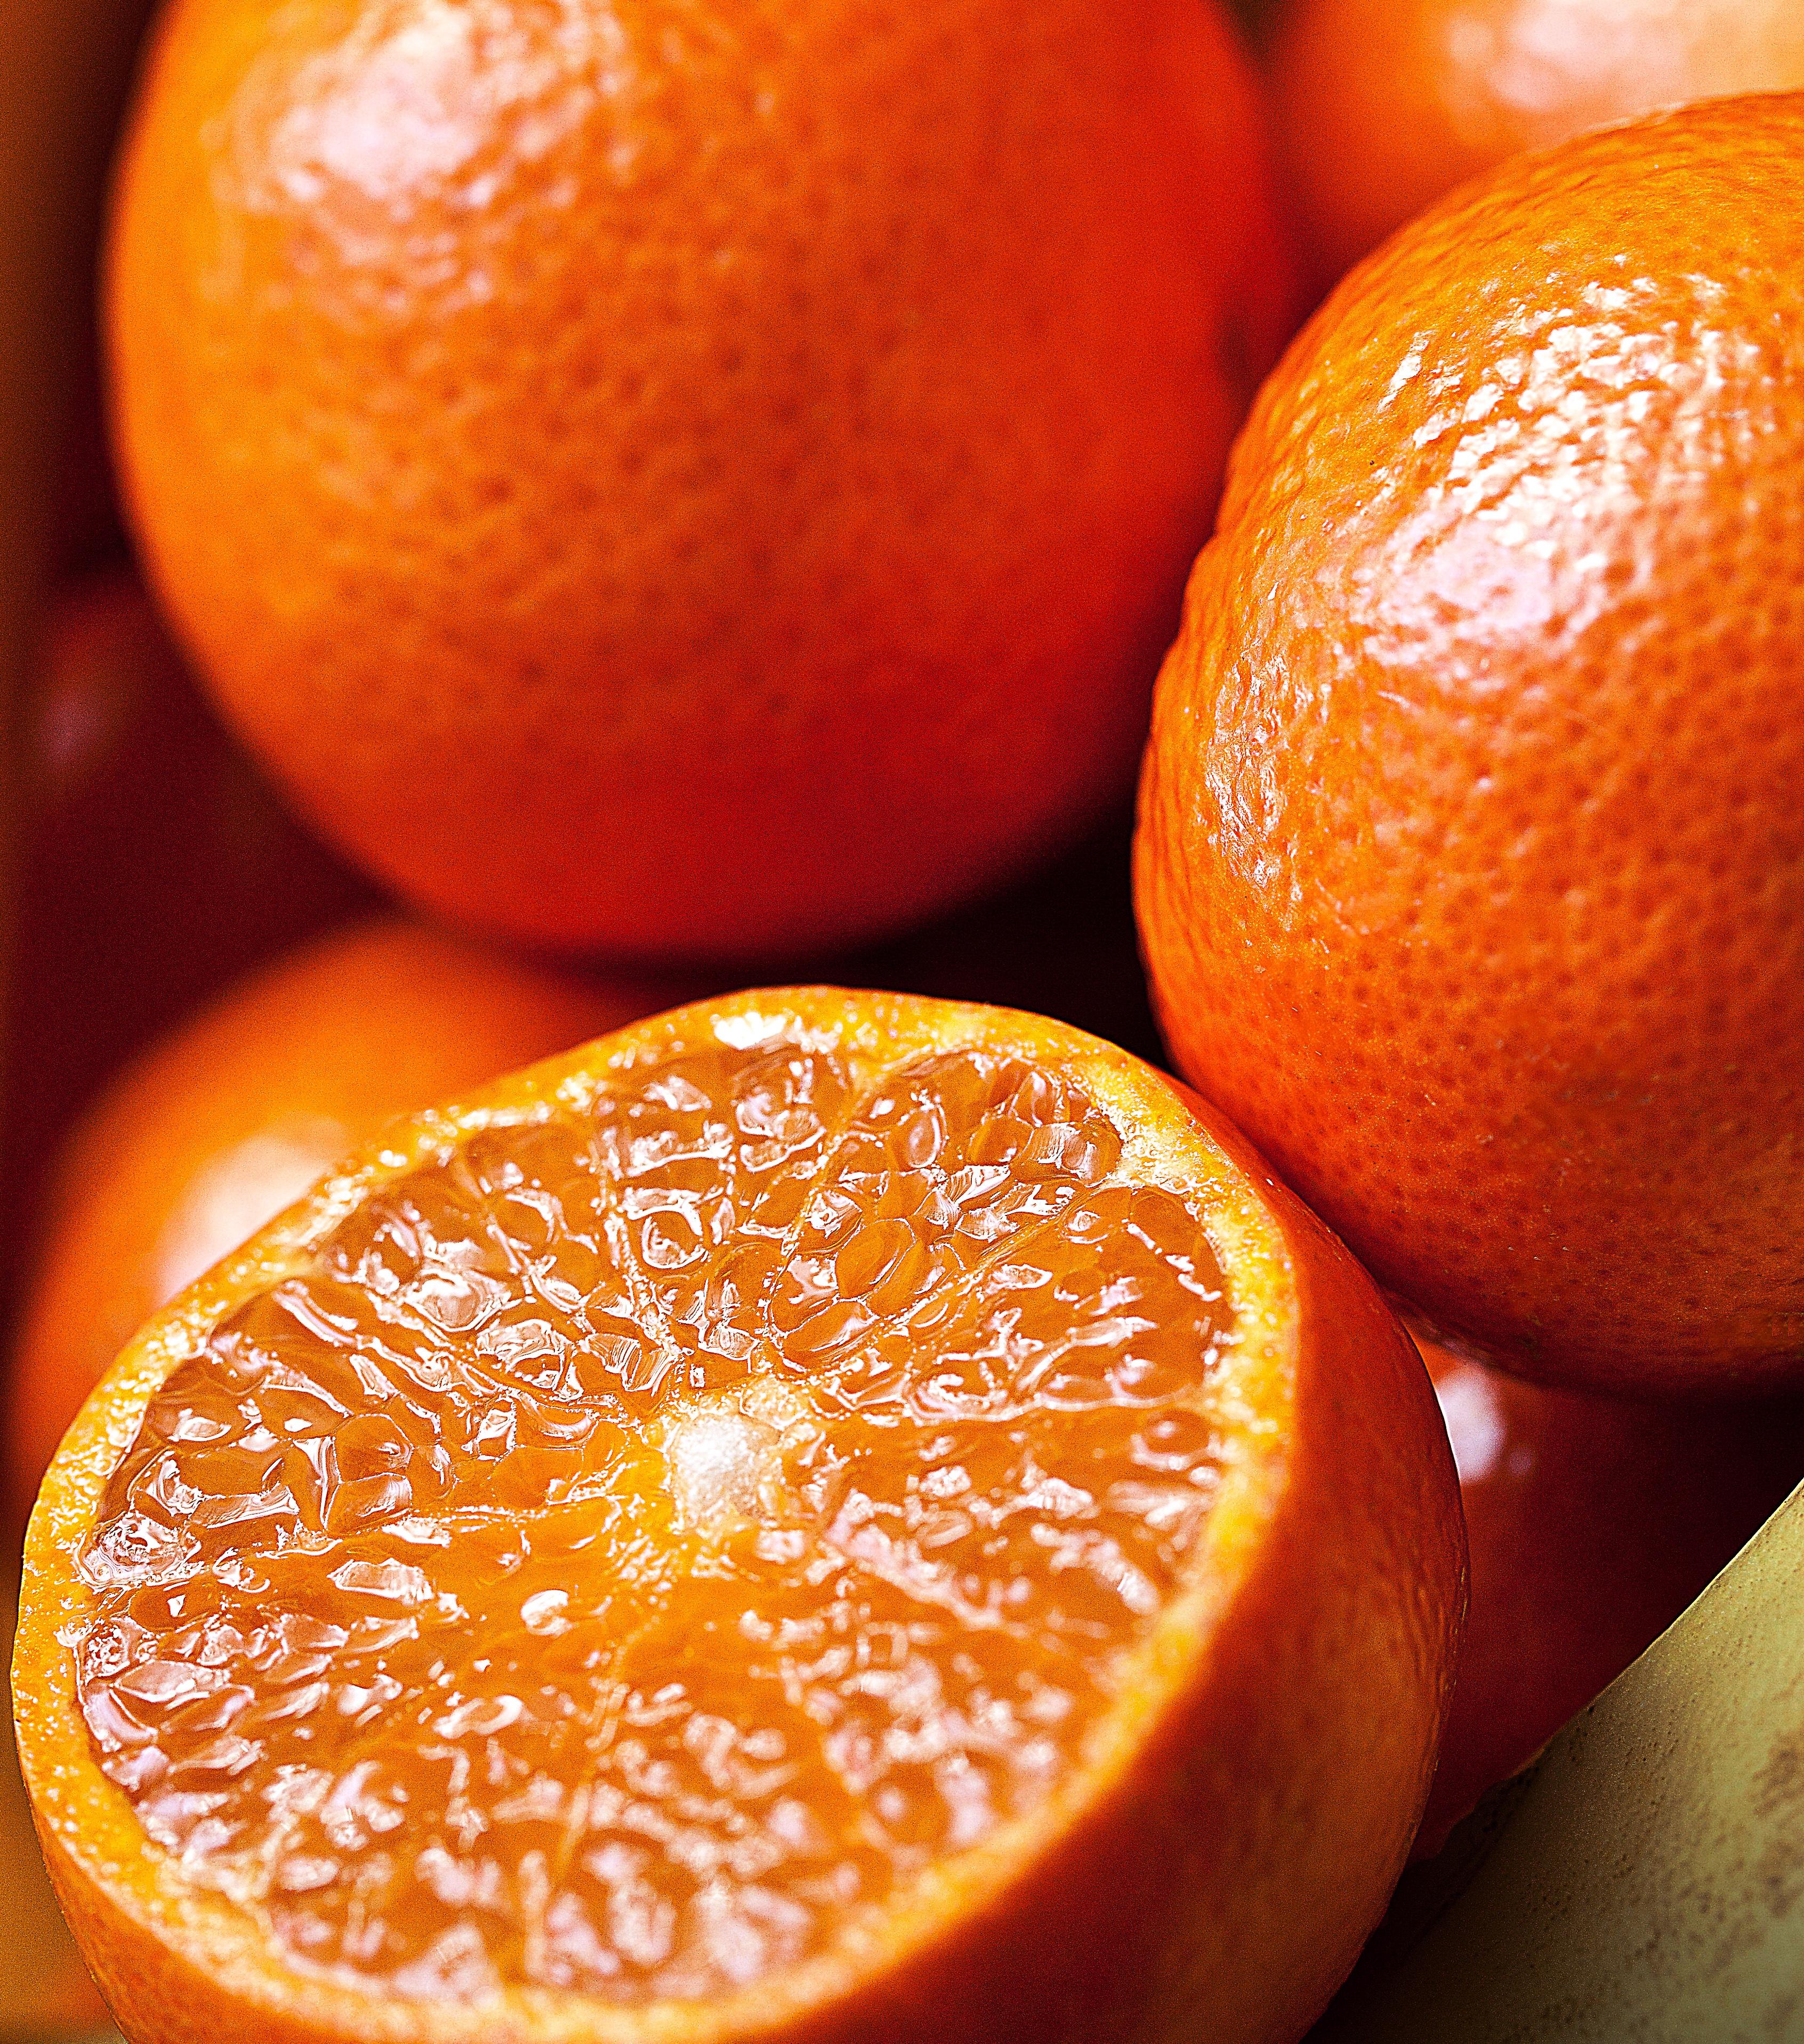 свежие апельсины картинки когда почту